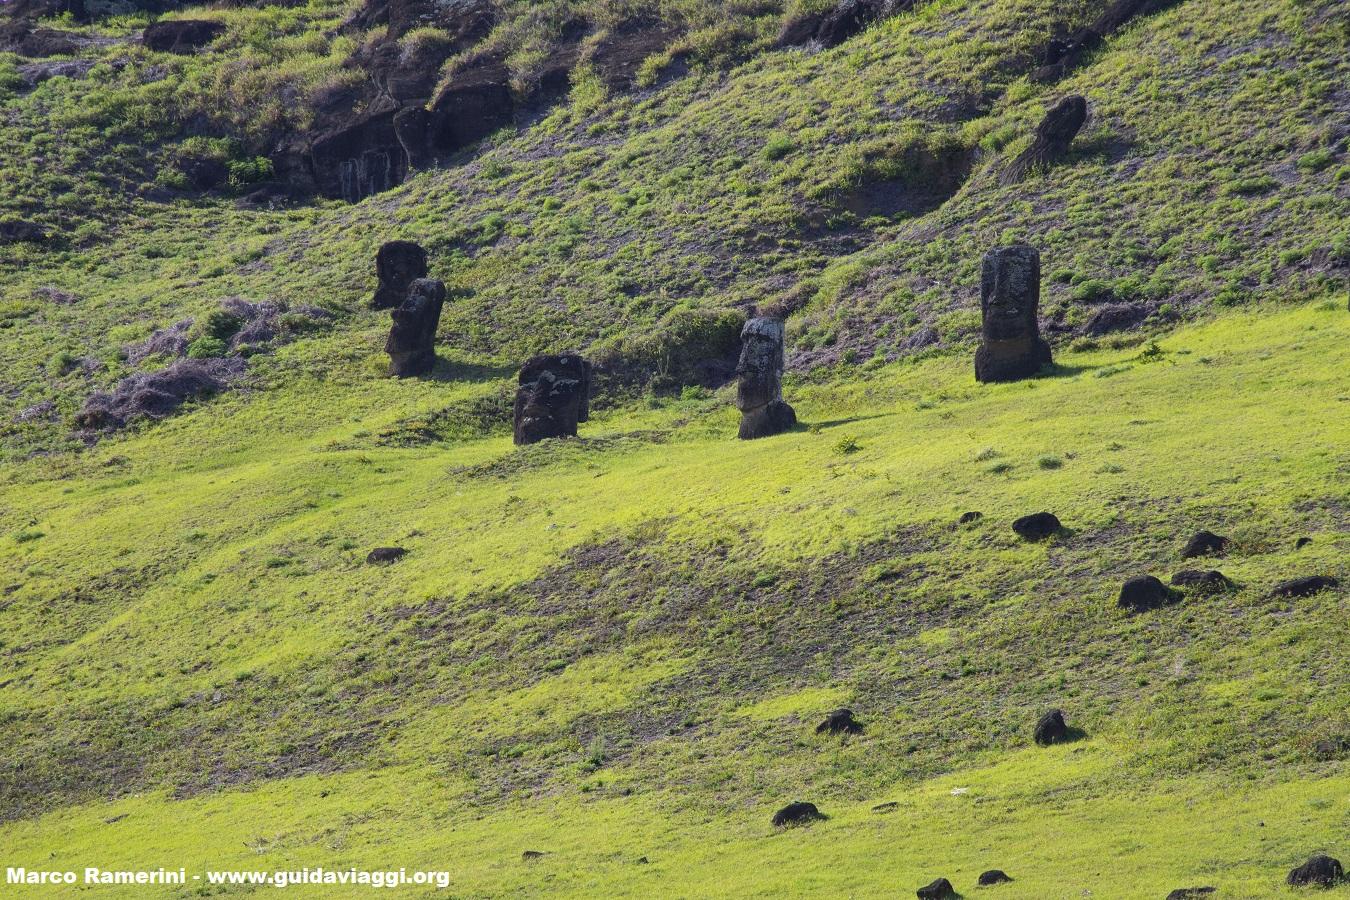 Le cratère du Rano Raraku, Île de Pâques, Chili. Auteur et Copyright Marco Ramerini